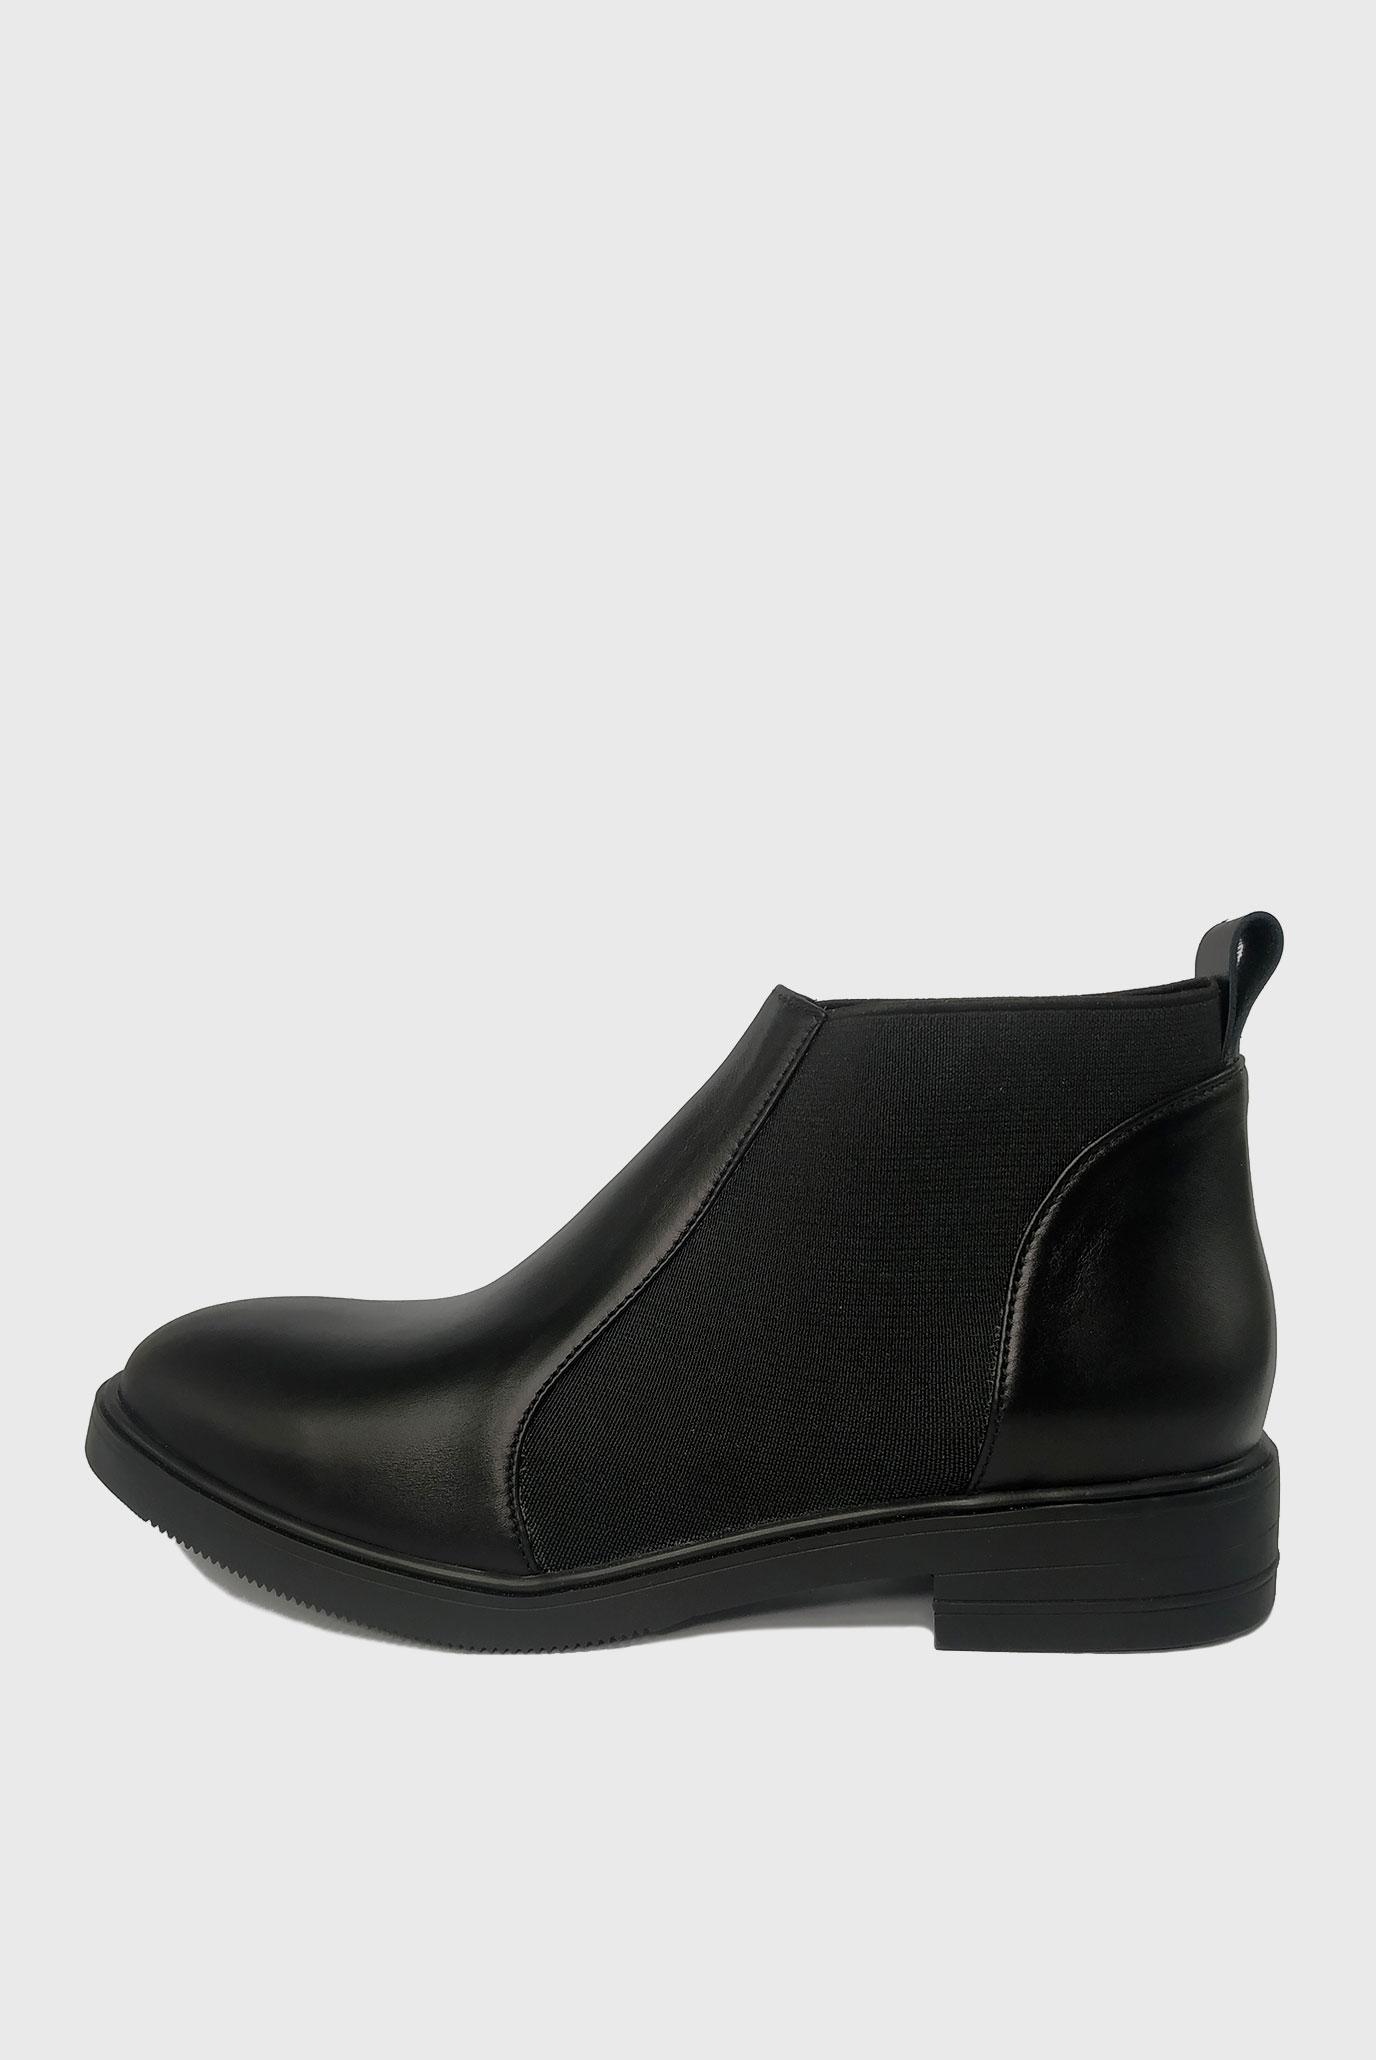 Ботинки Челси из натуральной кожи Air Step